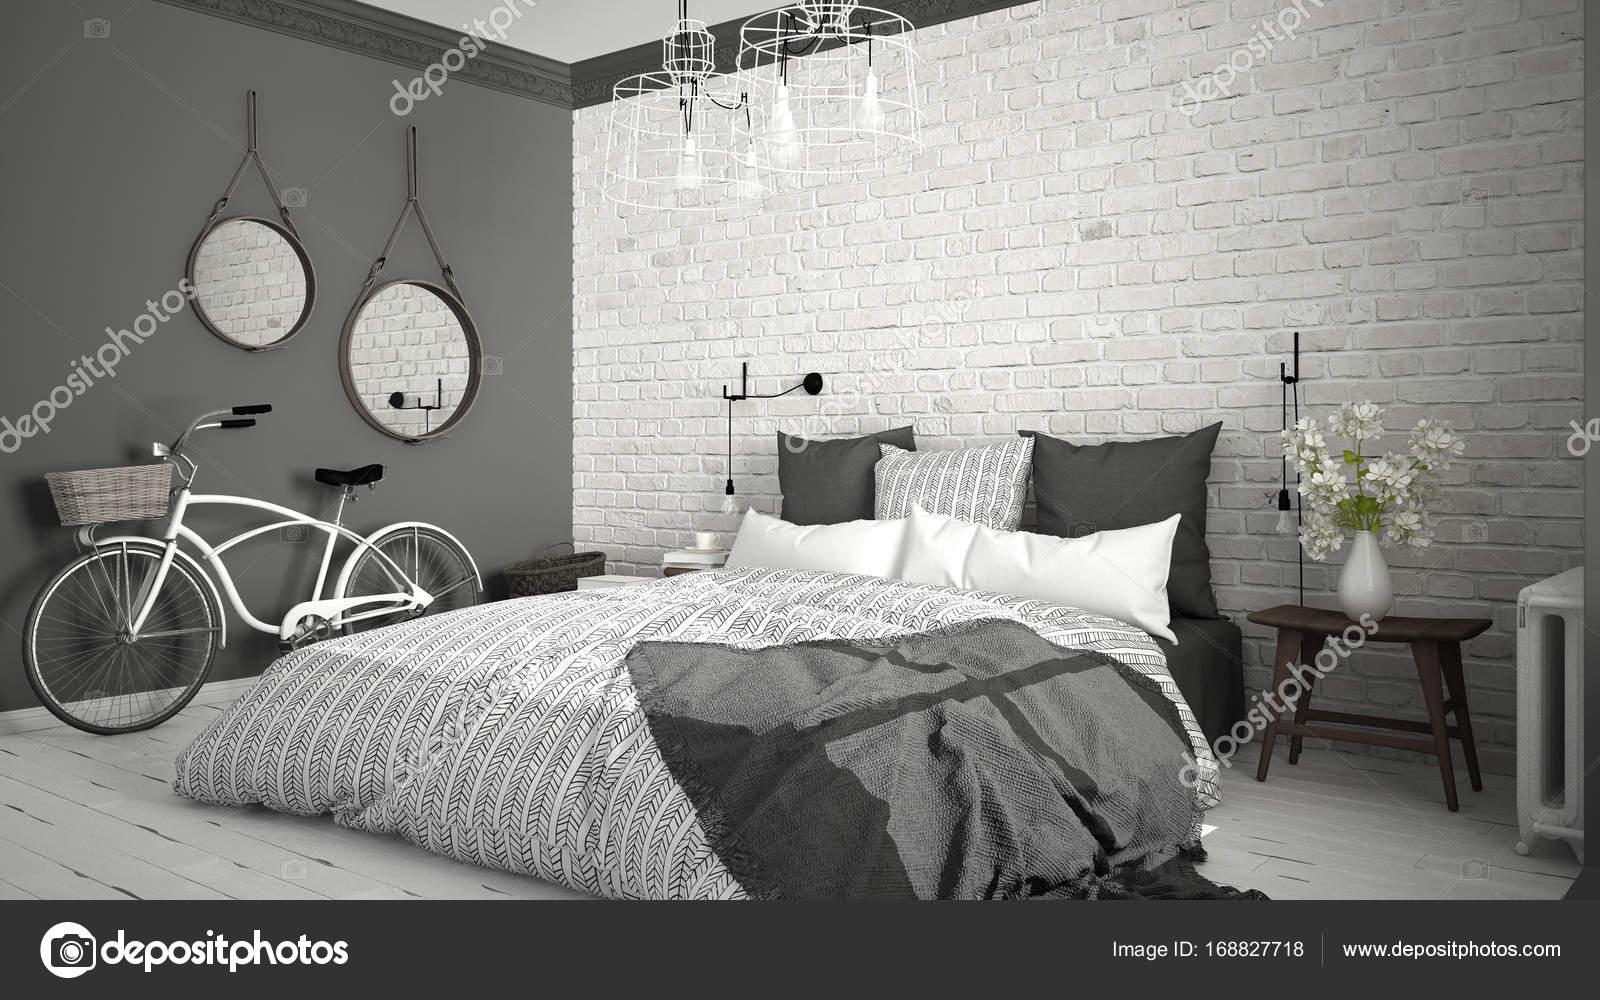 Camere Da Letto Matrimoniali Vintage : Bianco e grigio moderno camera da letto con letto matrimoniale